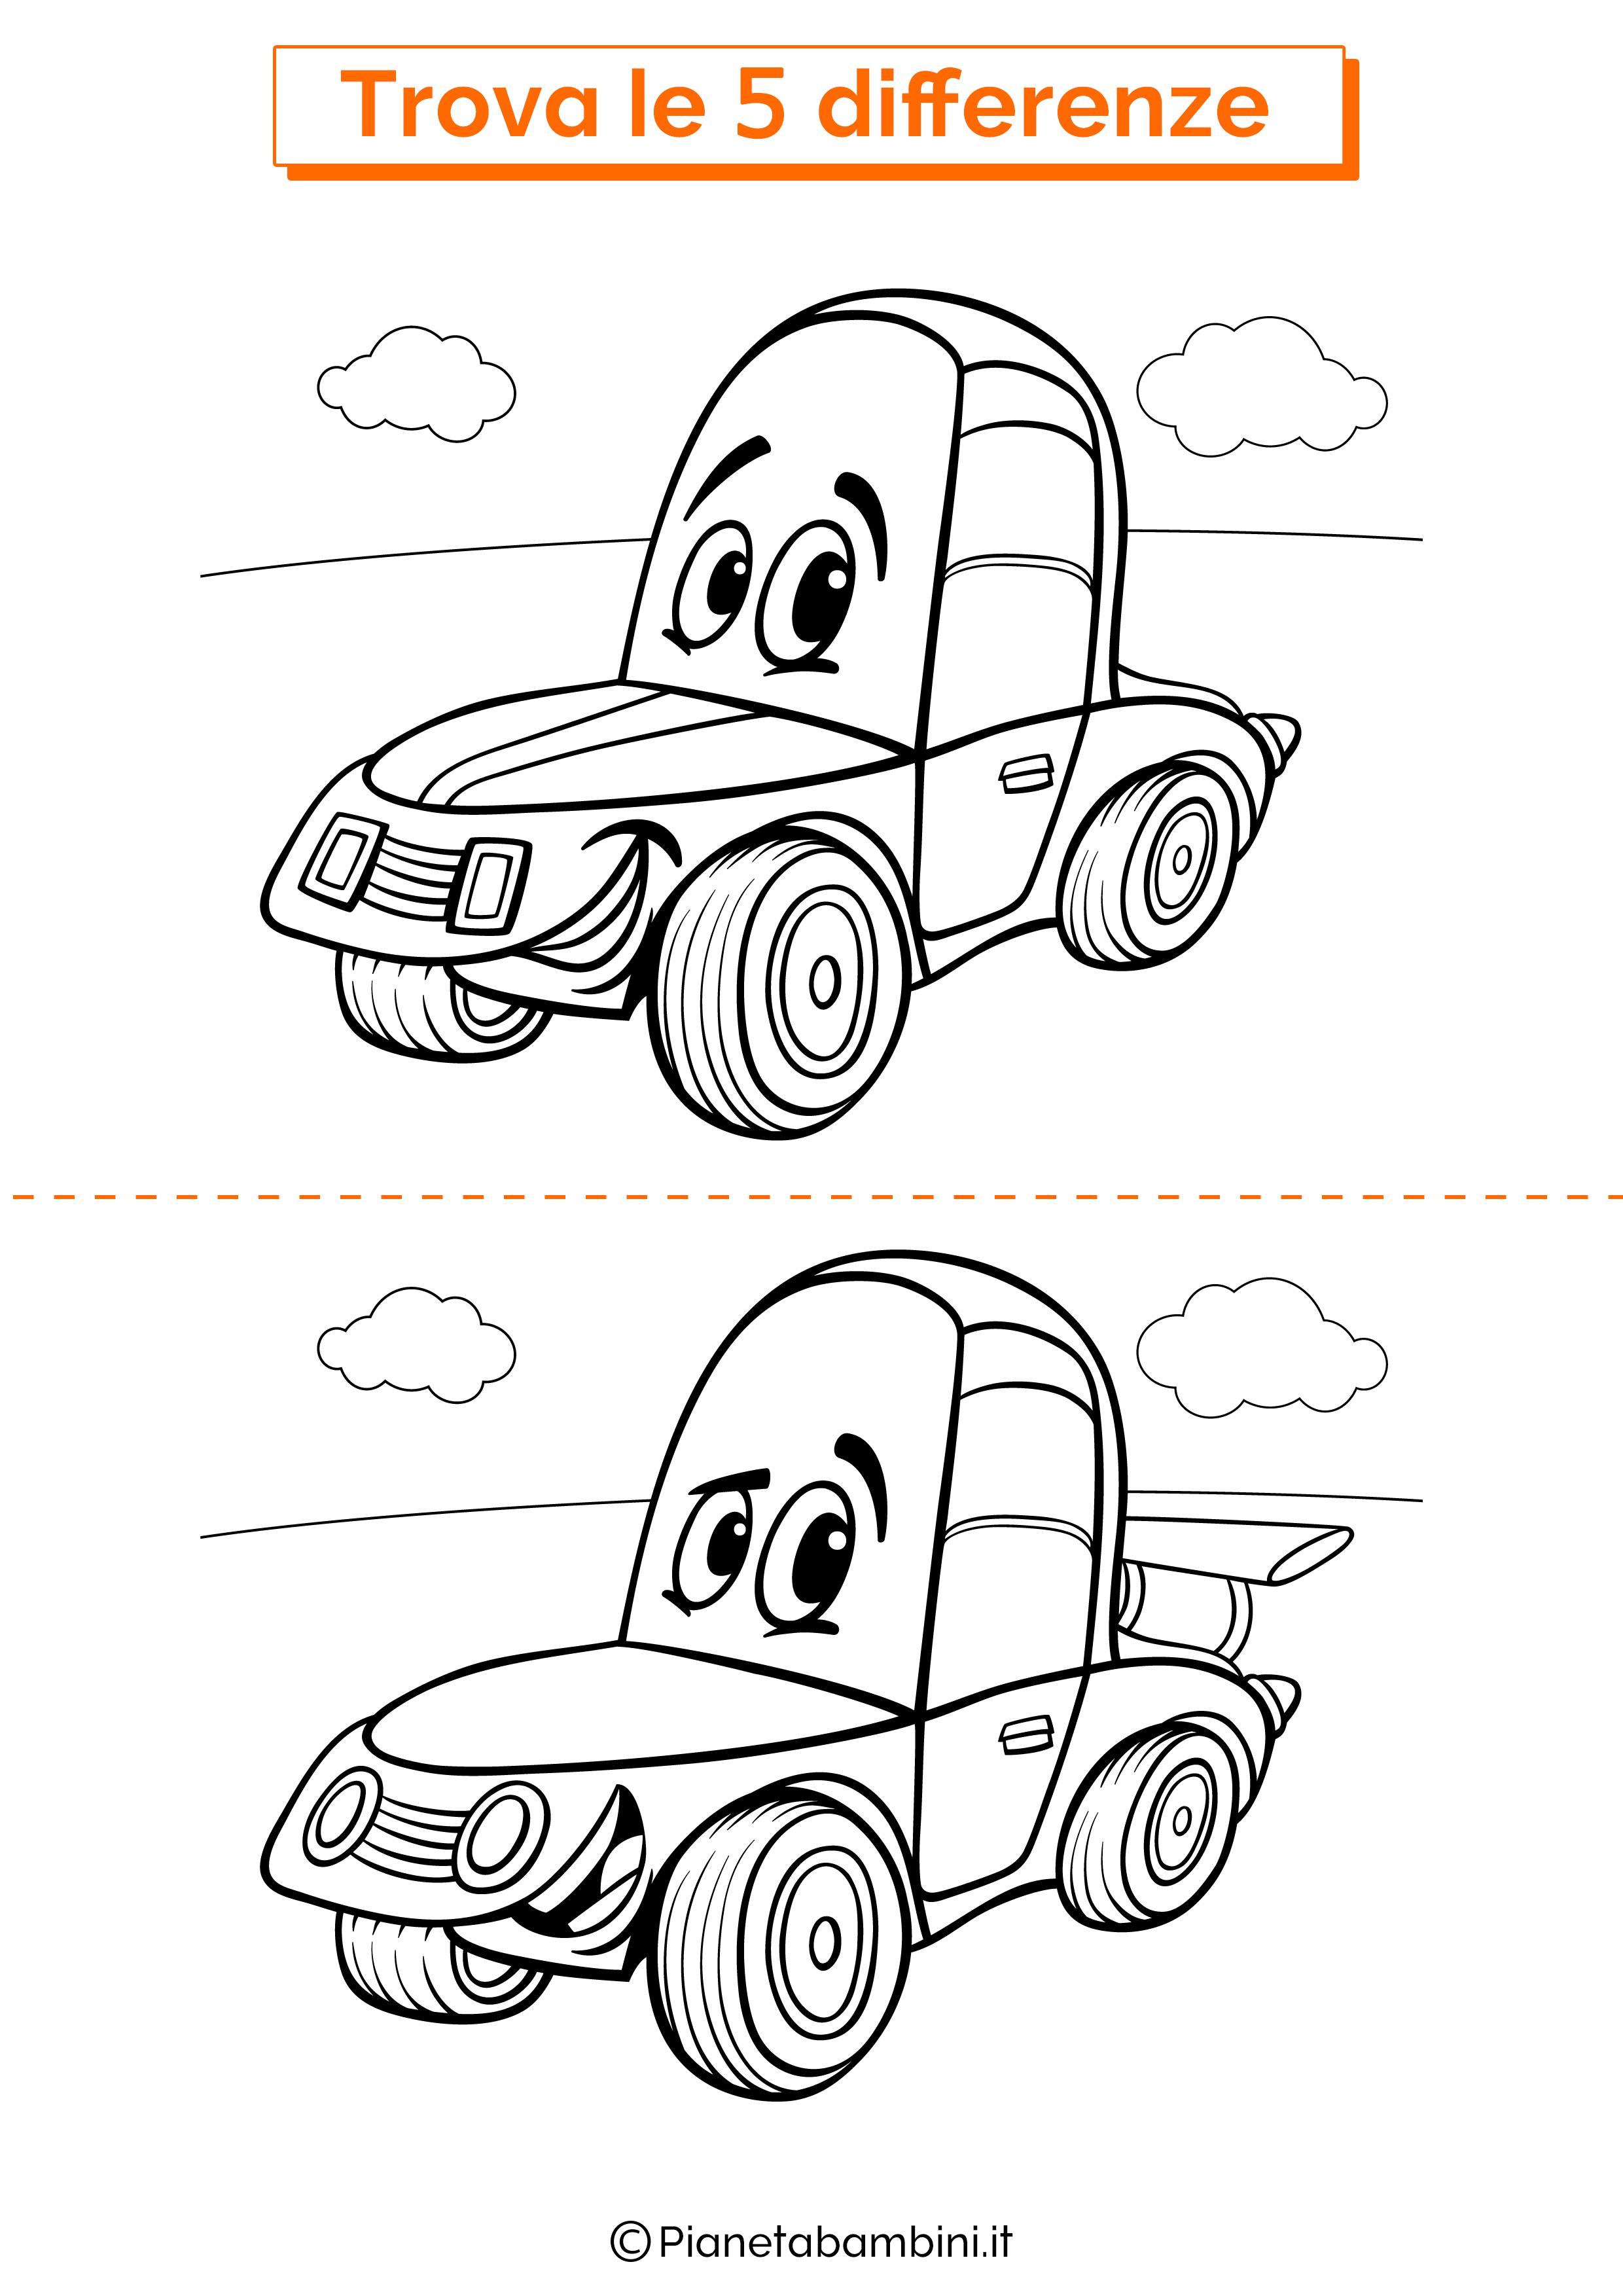 Disegno trova 5 differenze automobile